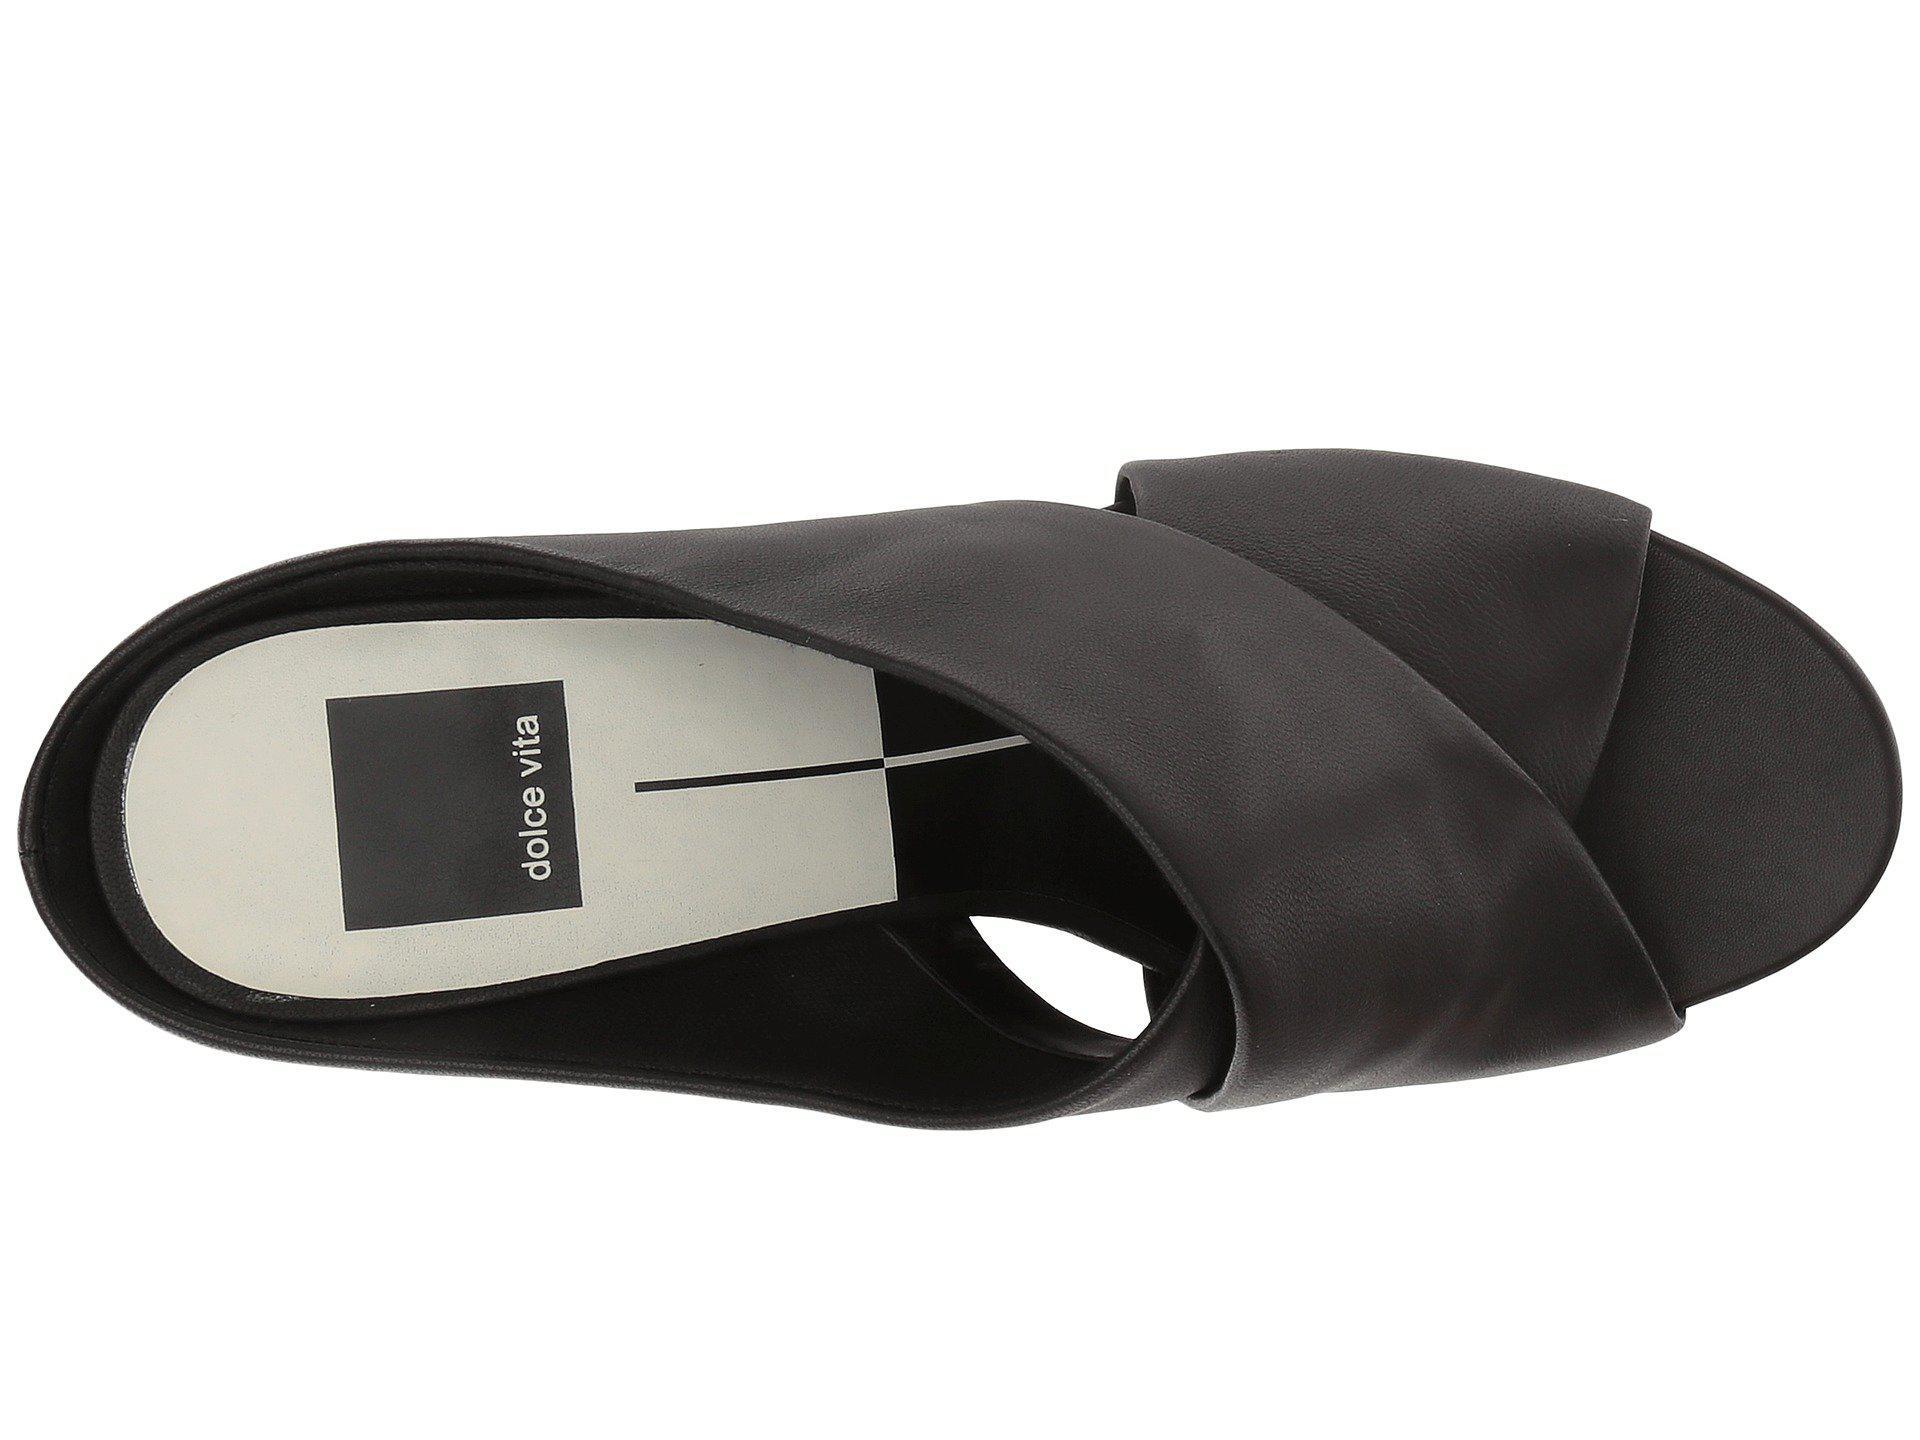 755f12f2445 Dolce Vita - Black Javi Heeled Sandal - Lyst. View fullscreen